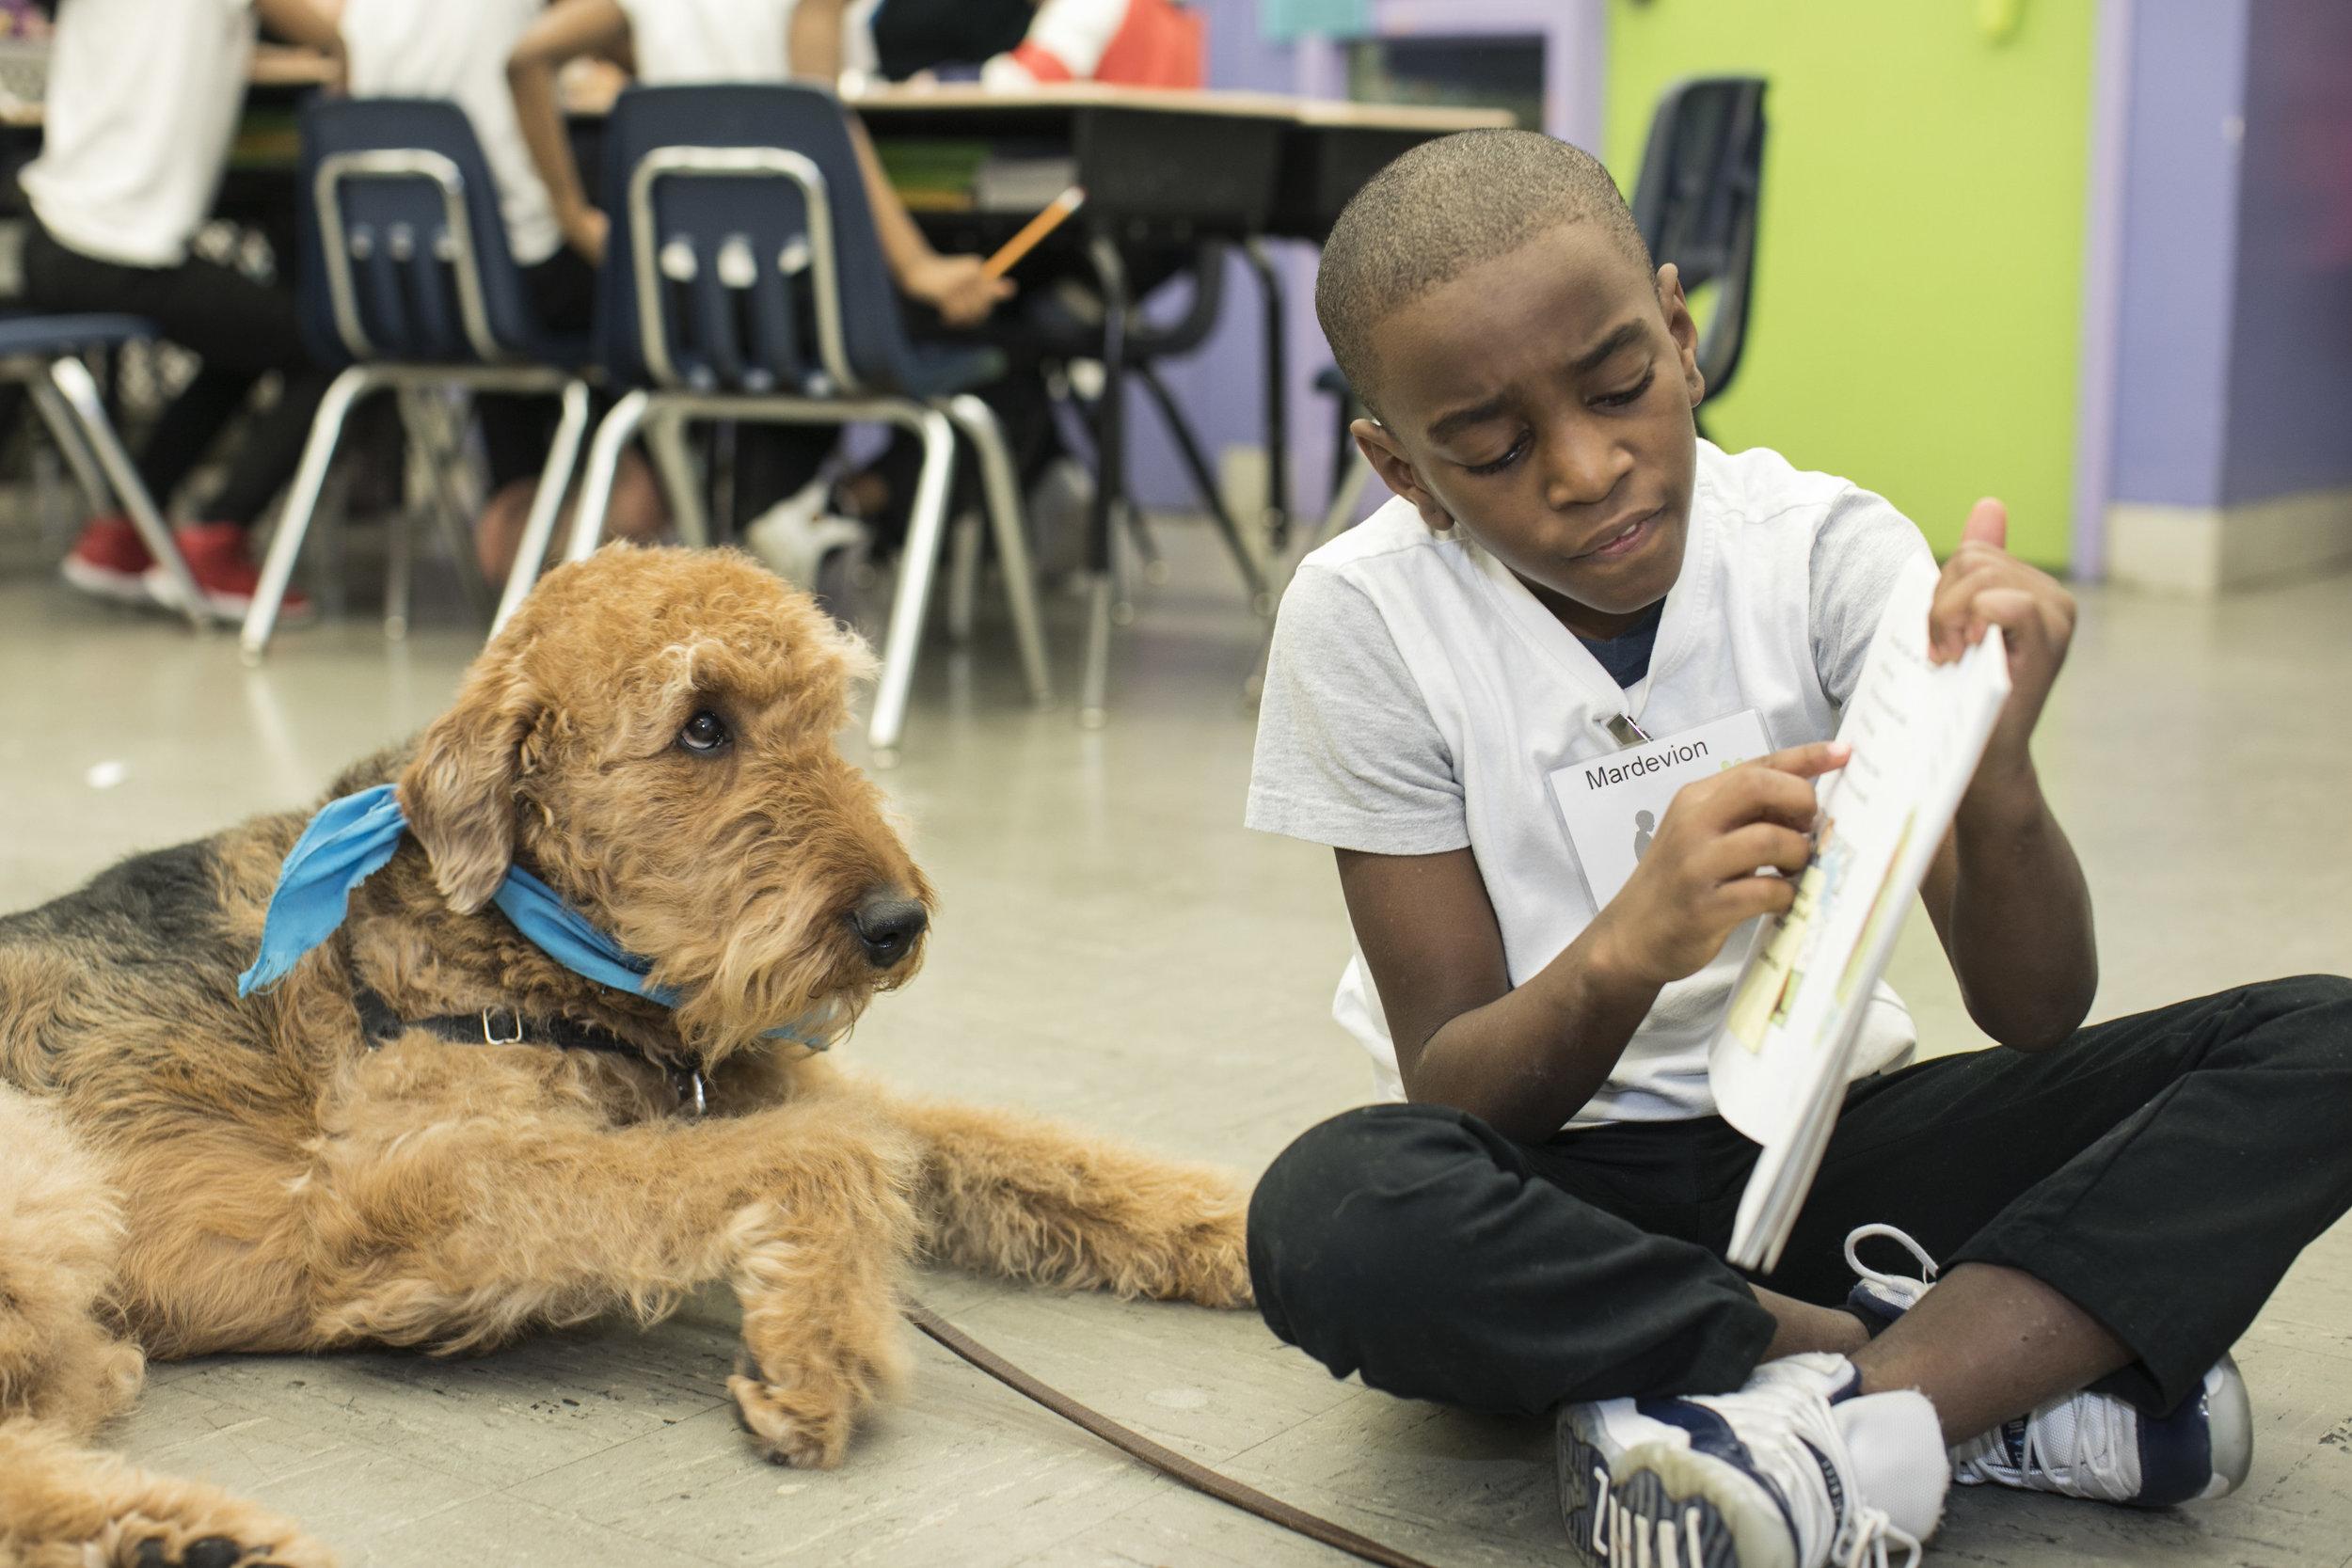 Buddy listining to Mardevion read A Dog Named Sam.jpg